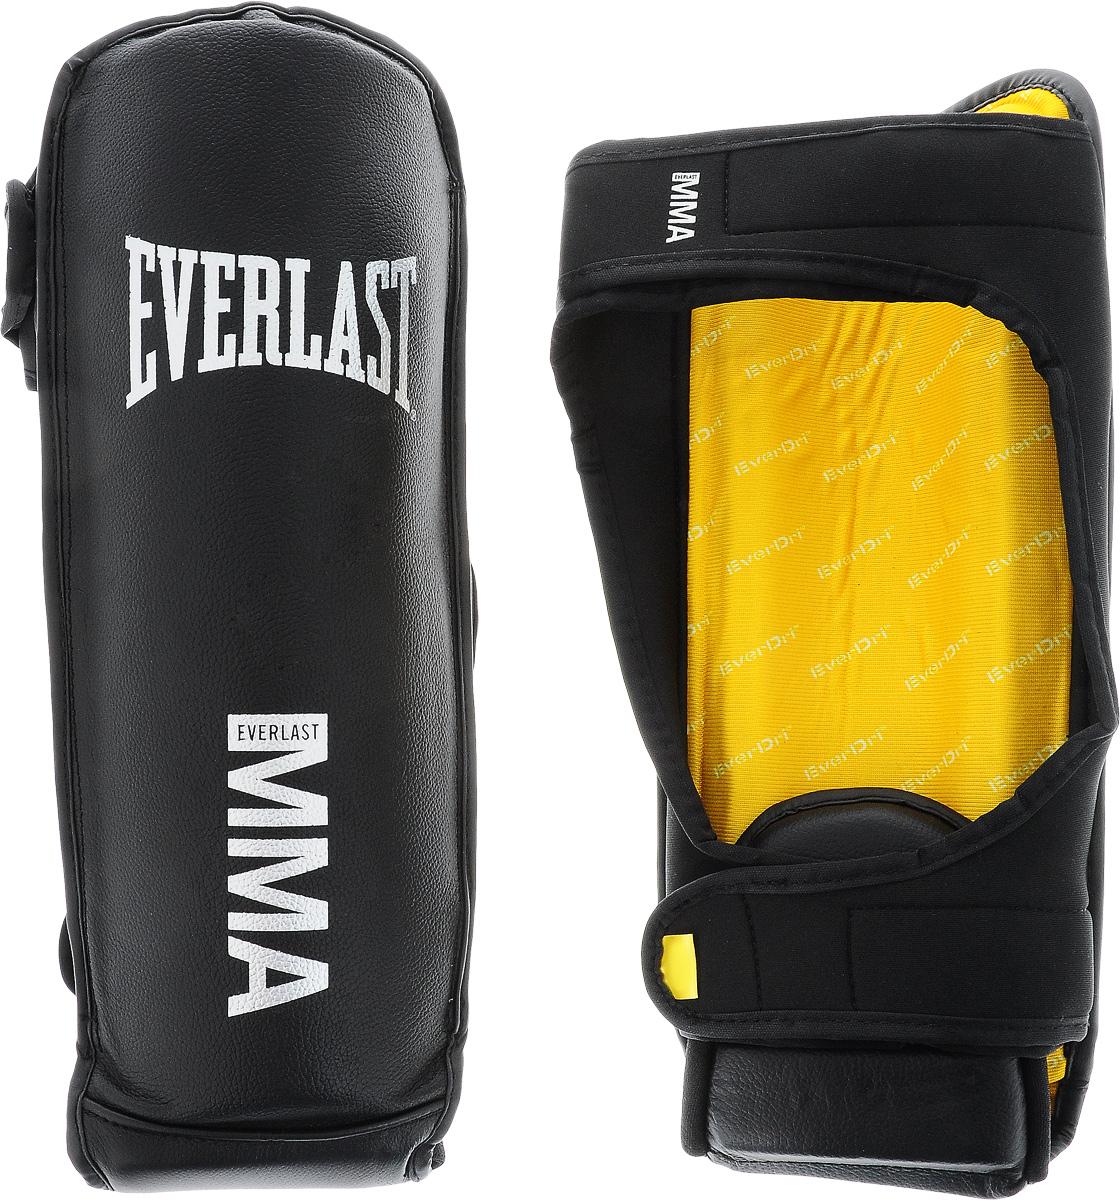 Защита голени и стопы Everlast Grappling, цвет: черный, светло-серый. Размер S/MAQ7754Защита голени и стопы Everlast Grappling спроектирована специально для ММА. Верх выполнен из высококачественной натуральной кожи. Акцентированное расположение пенного наполнителя обеспечивает отличную защиту. Закрепляется на ноге при помощи ремня на липучке.